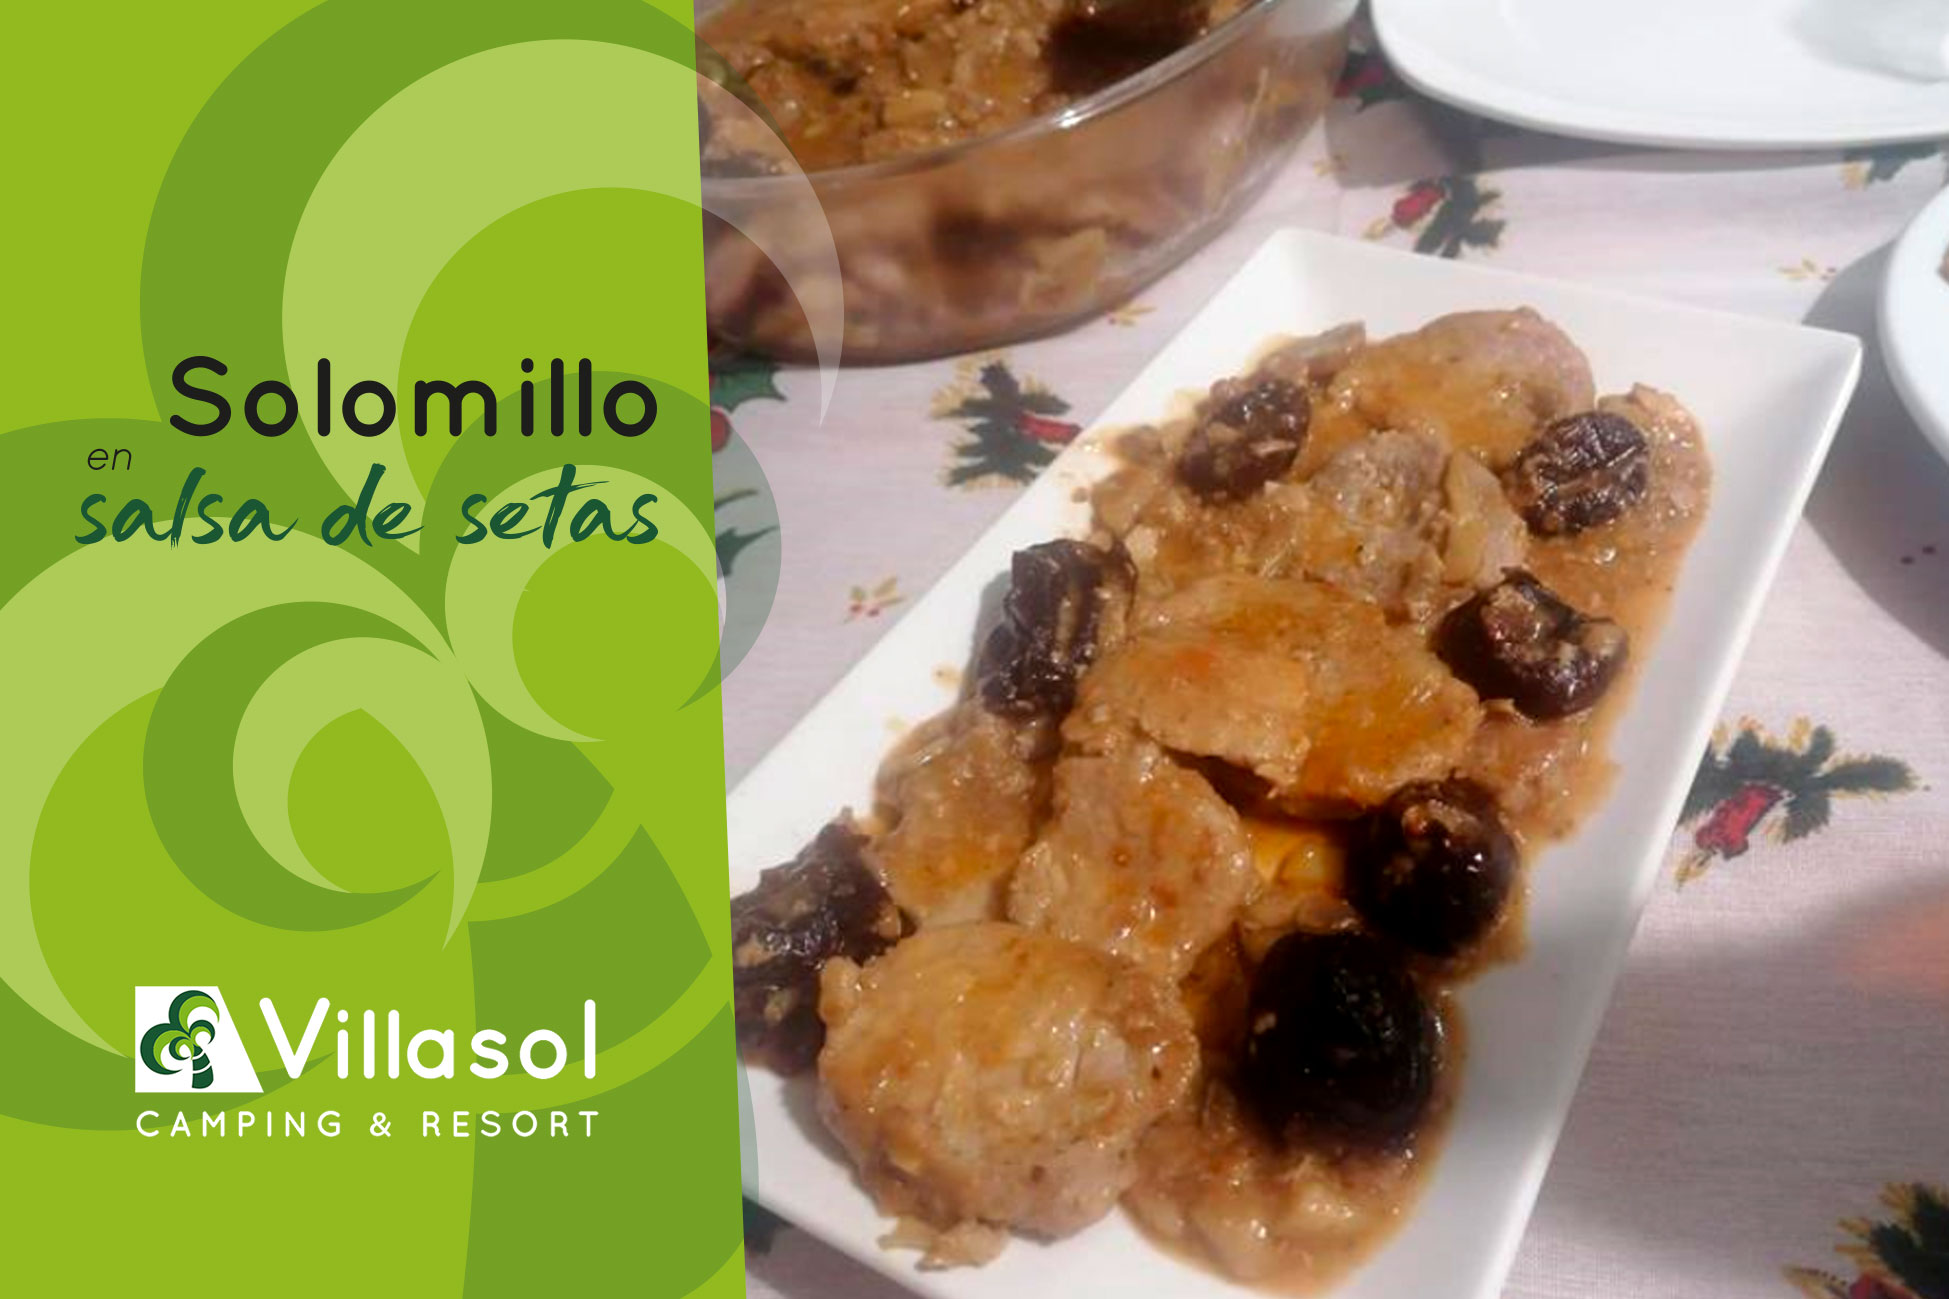 solomillo en salsa de setas Villasol